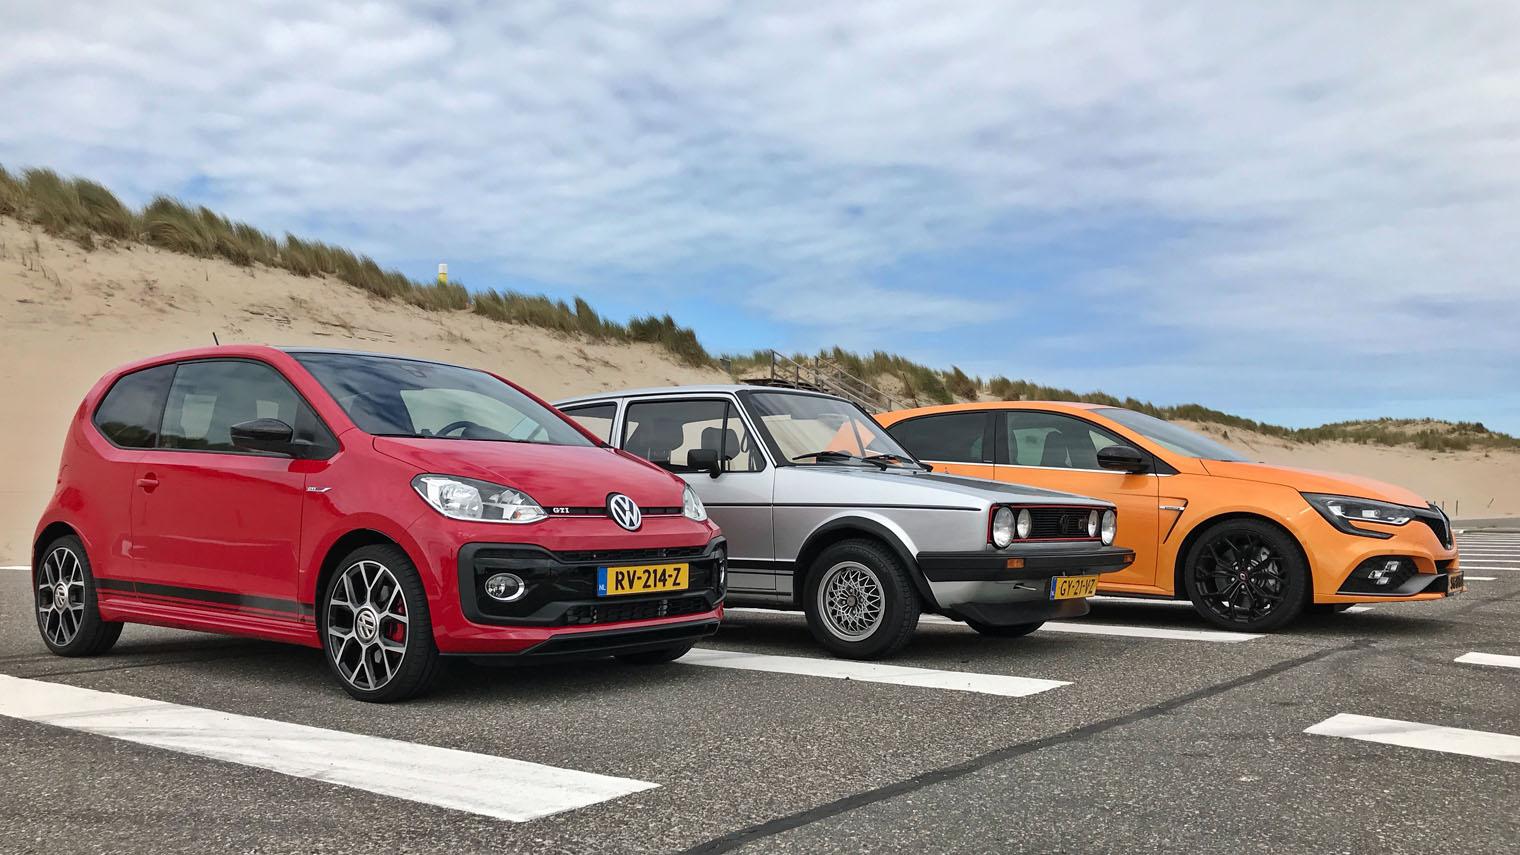 Dubbeltest Renault Megane R S Vs Volkswagen Up Gti Anwb